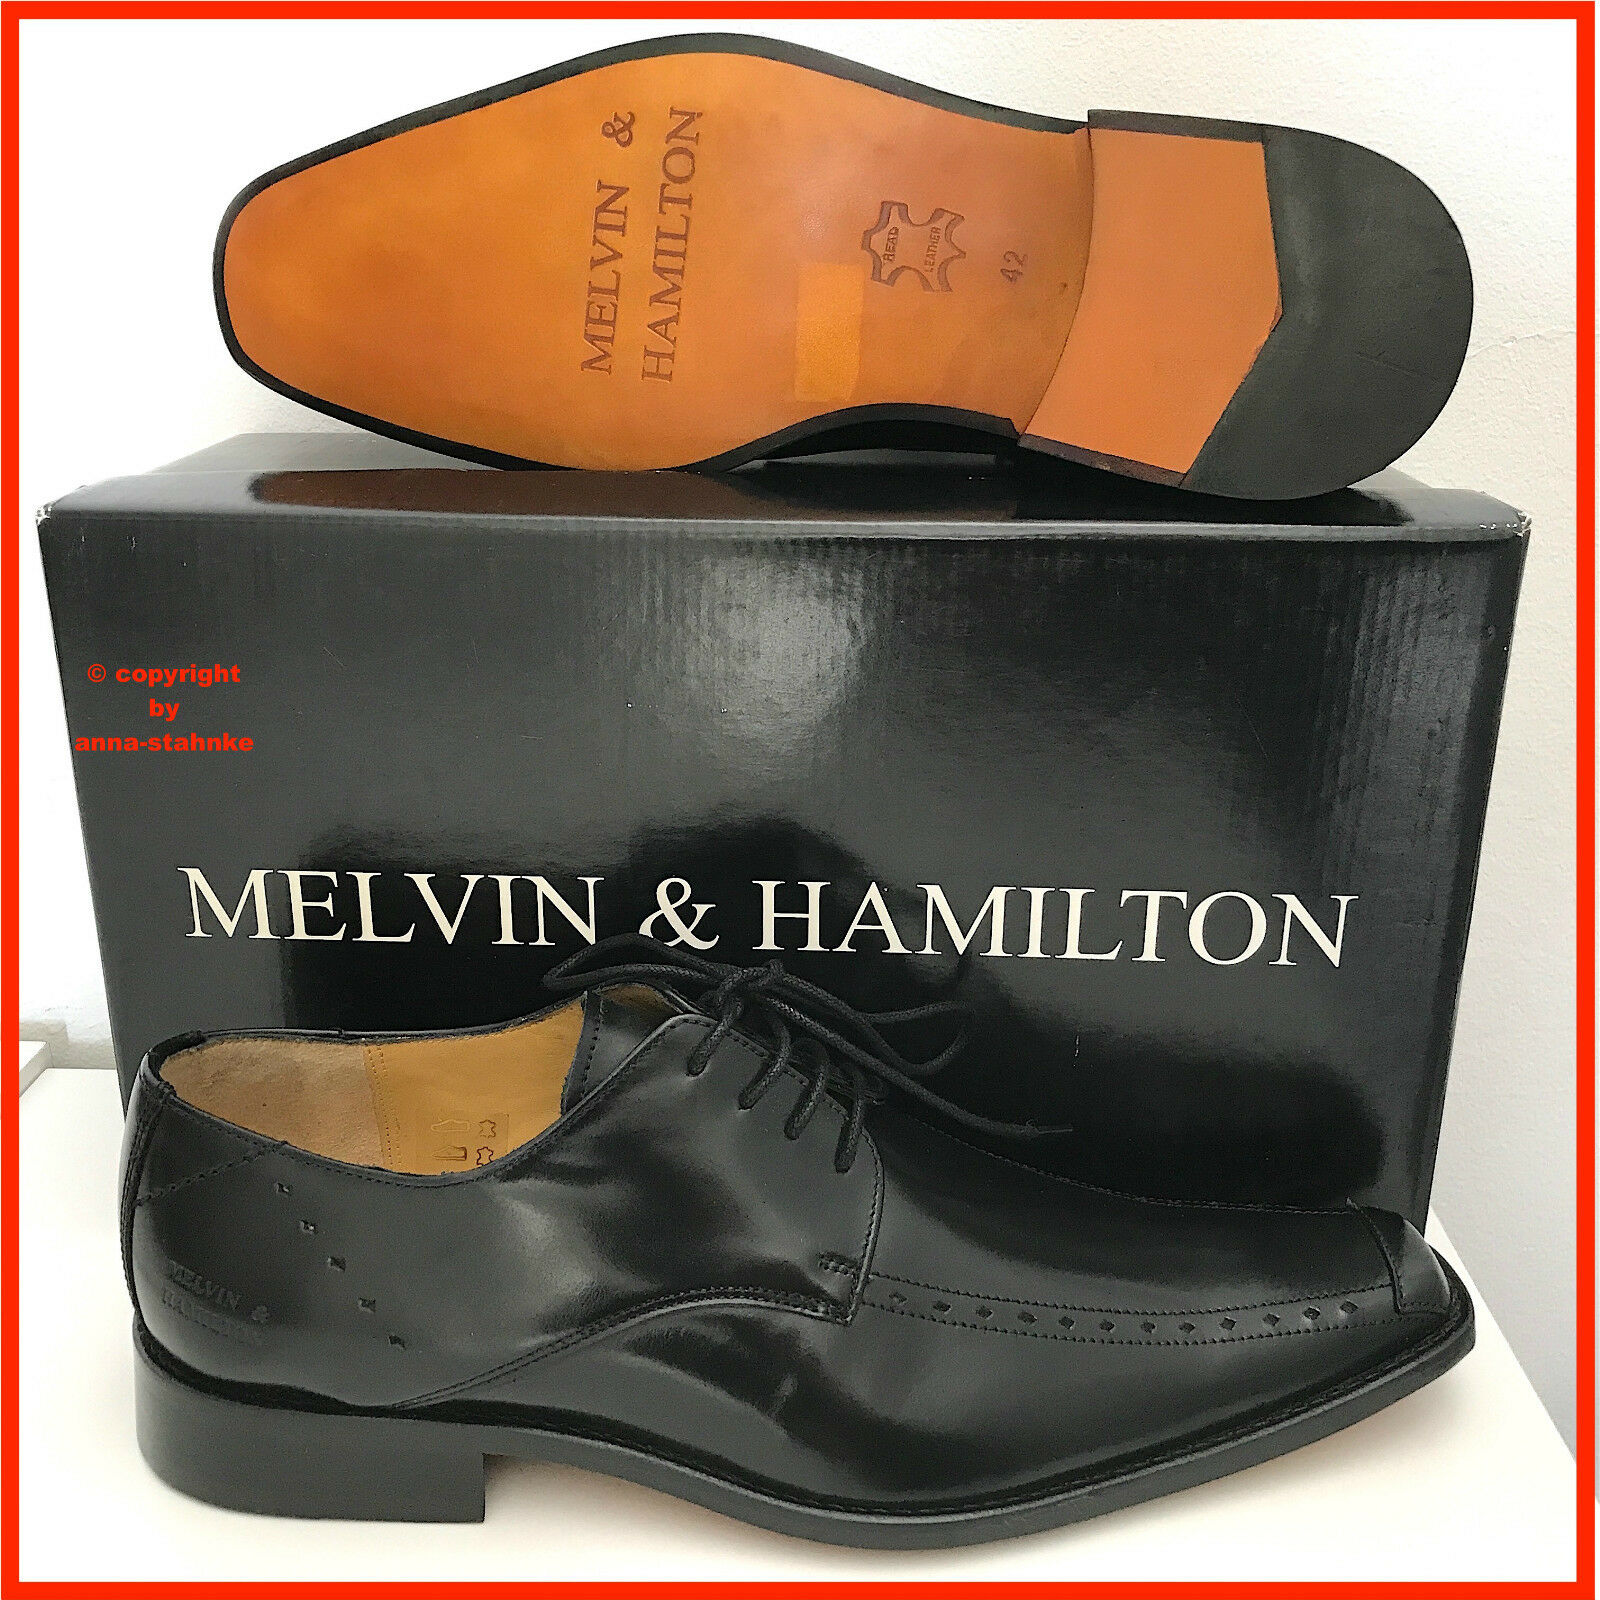 MELVIN & HAMILTON MEN HALBSCHUHE BUSINESS SCHNÜRSCHUHE SCHUHE schwarz RARE GR. 42    | Ausgezeichneter Wert